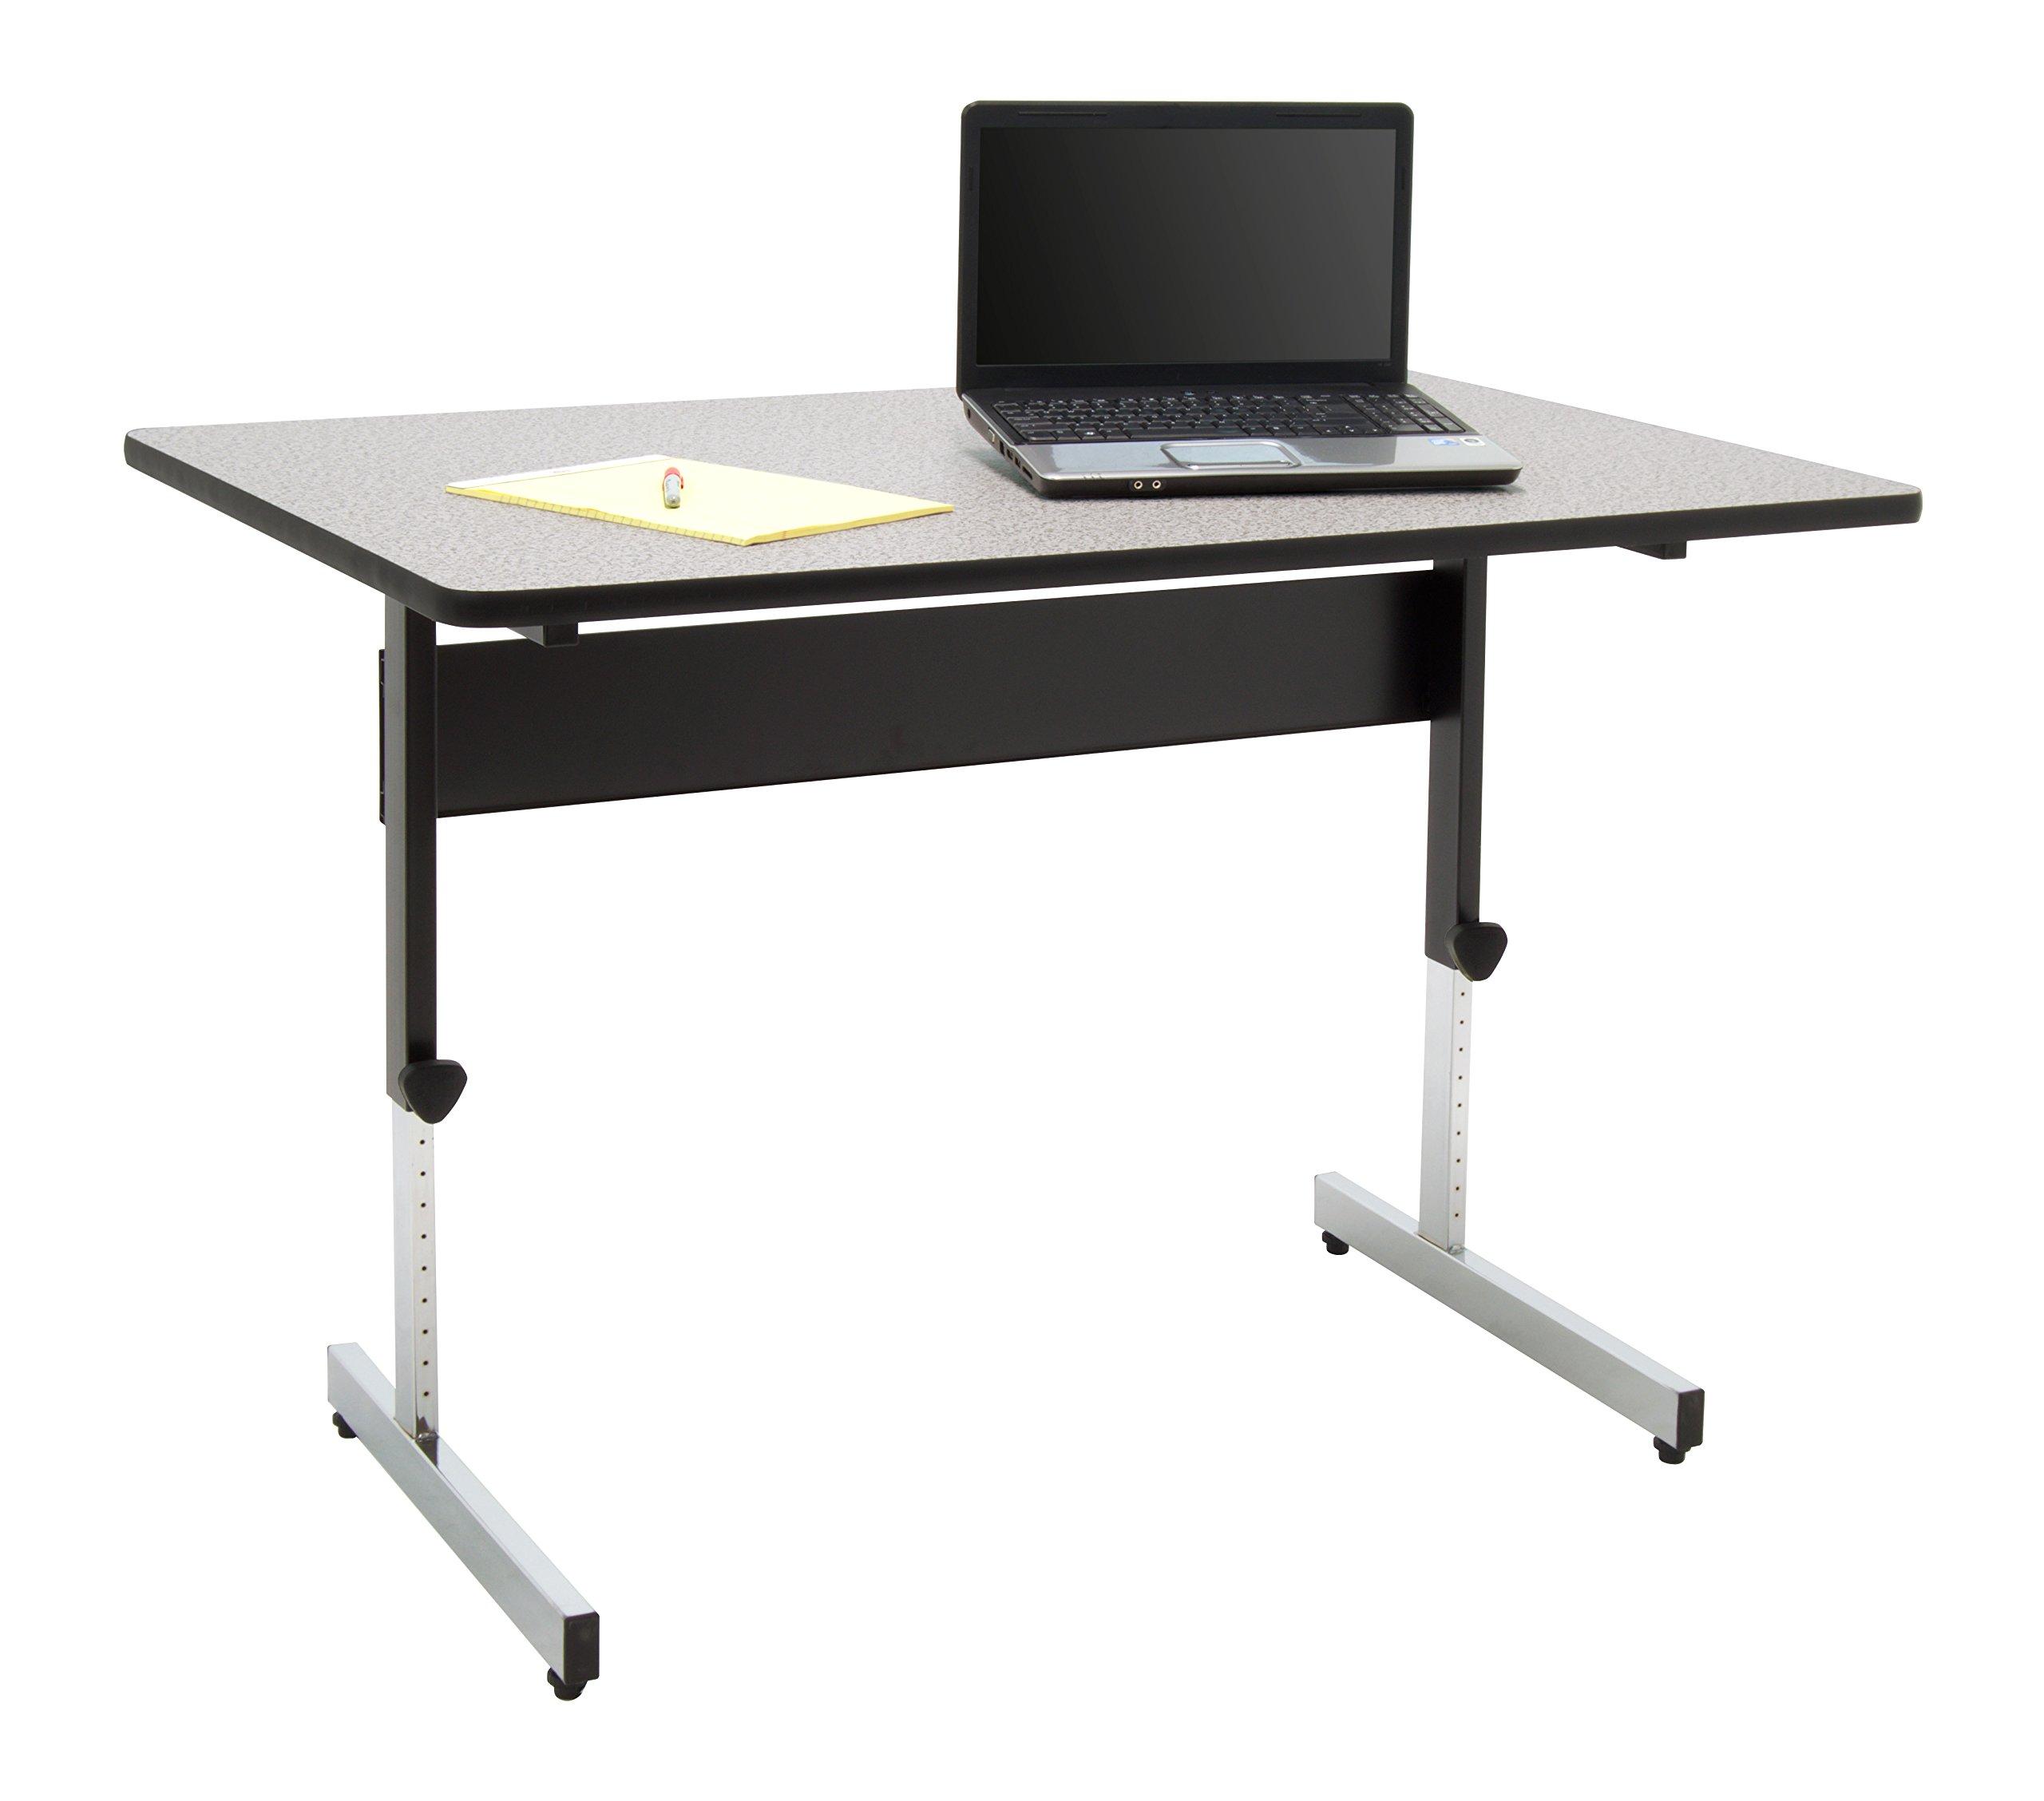 Calico Designs 410382.0 Adapta Desk, 48'', Black/Spatter Gray by Calico Designs (Image #4)